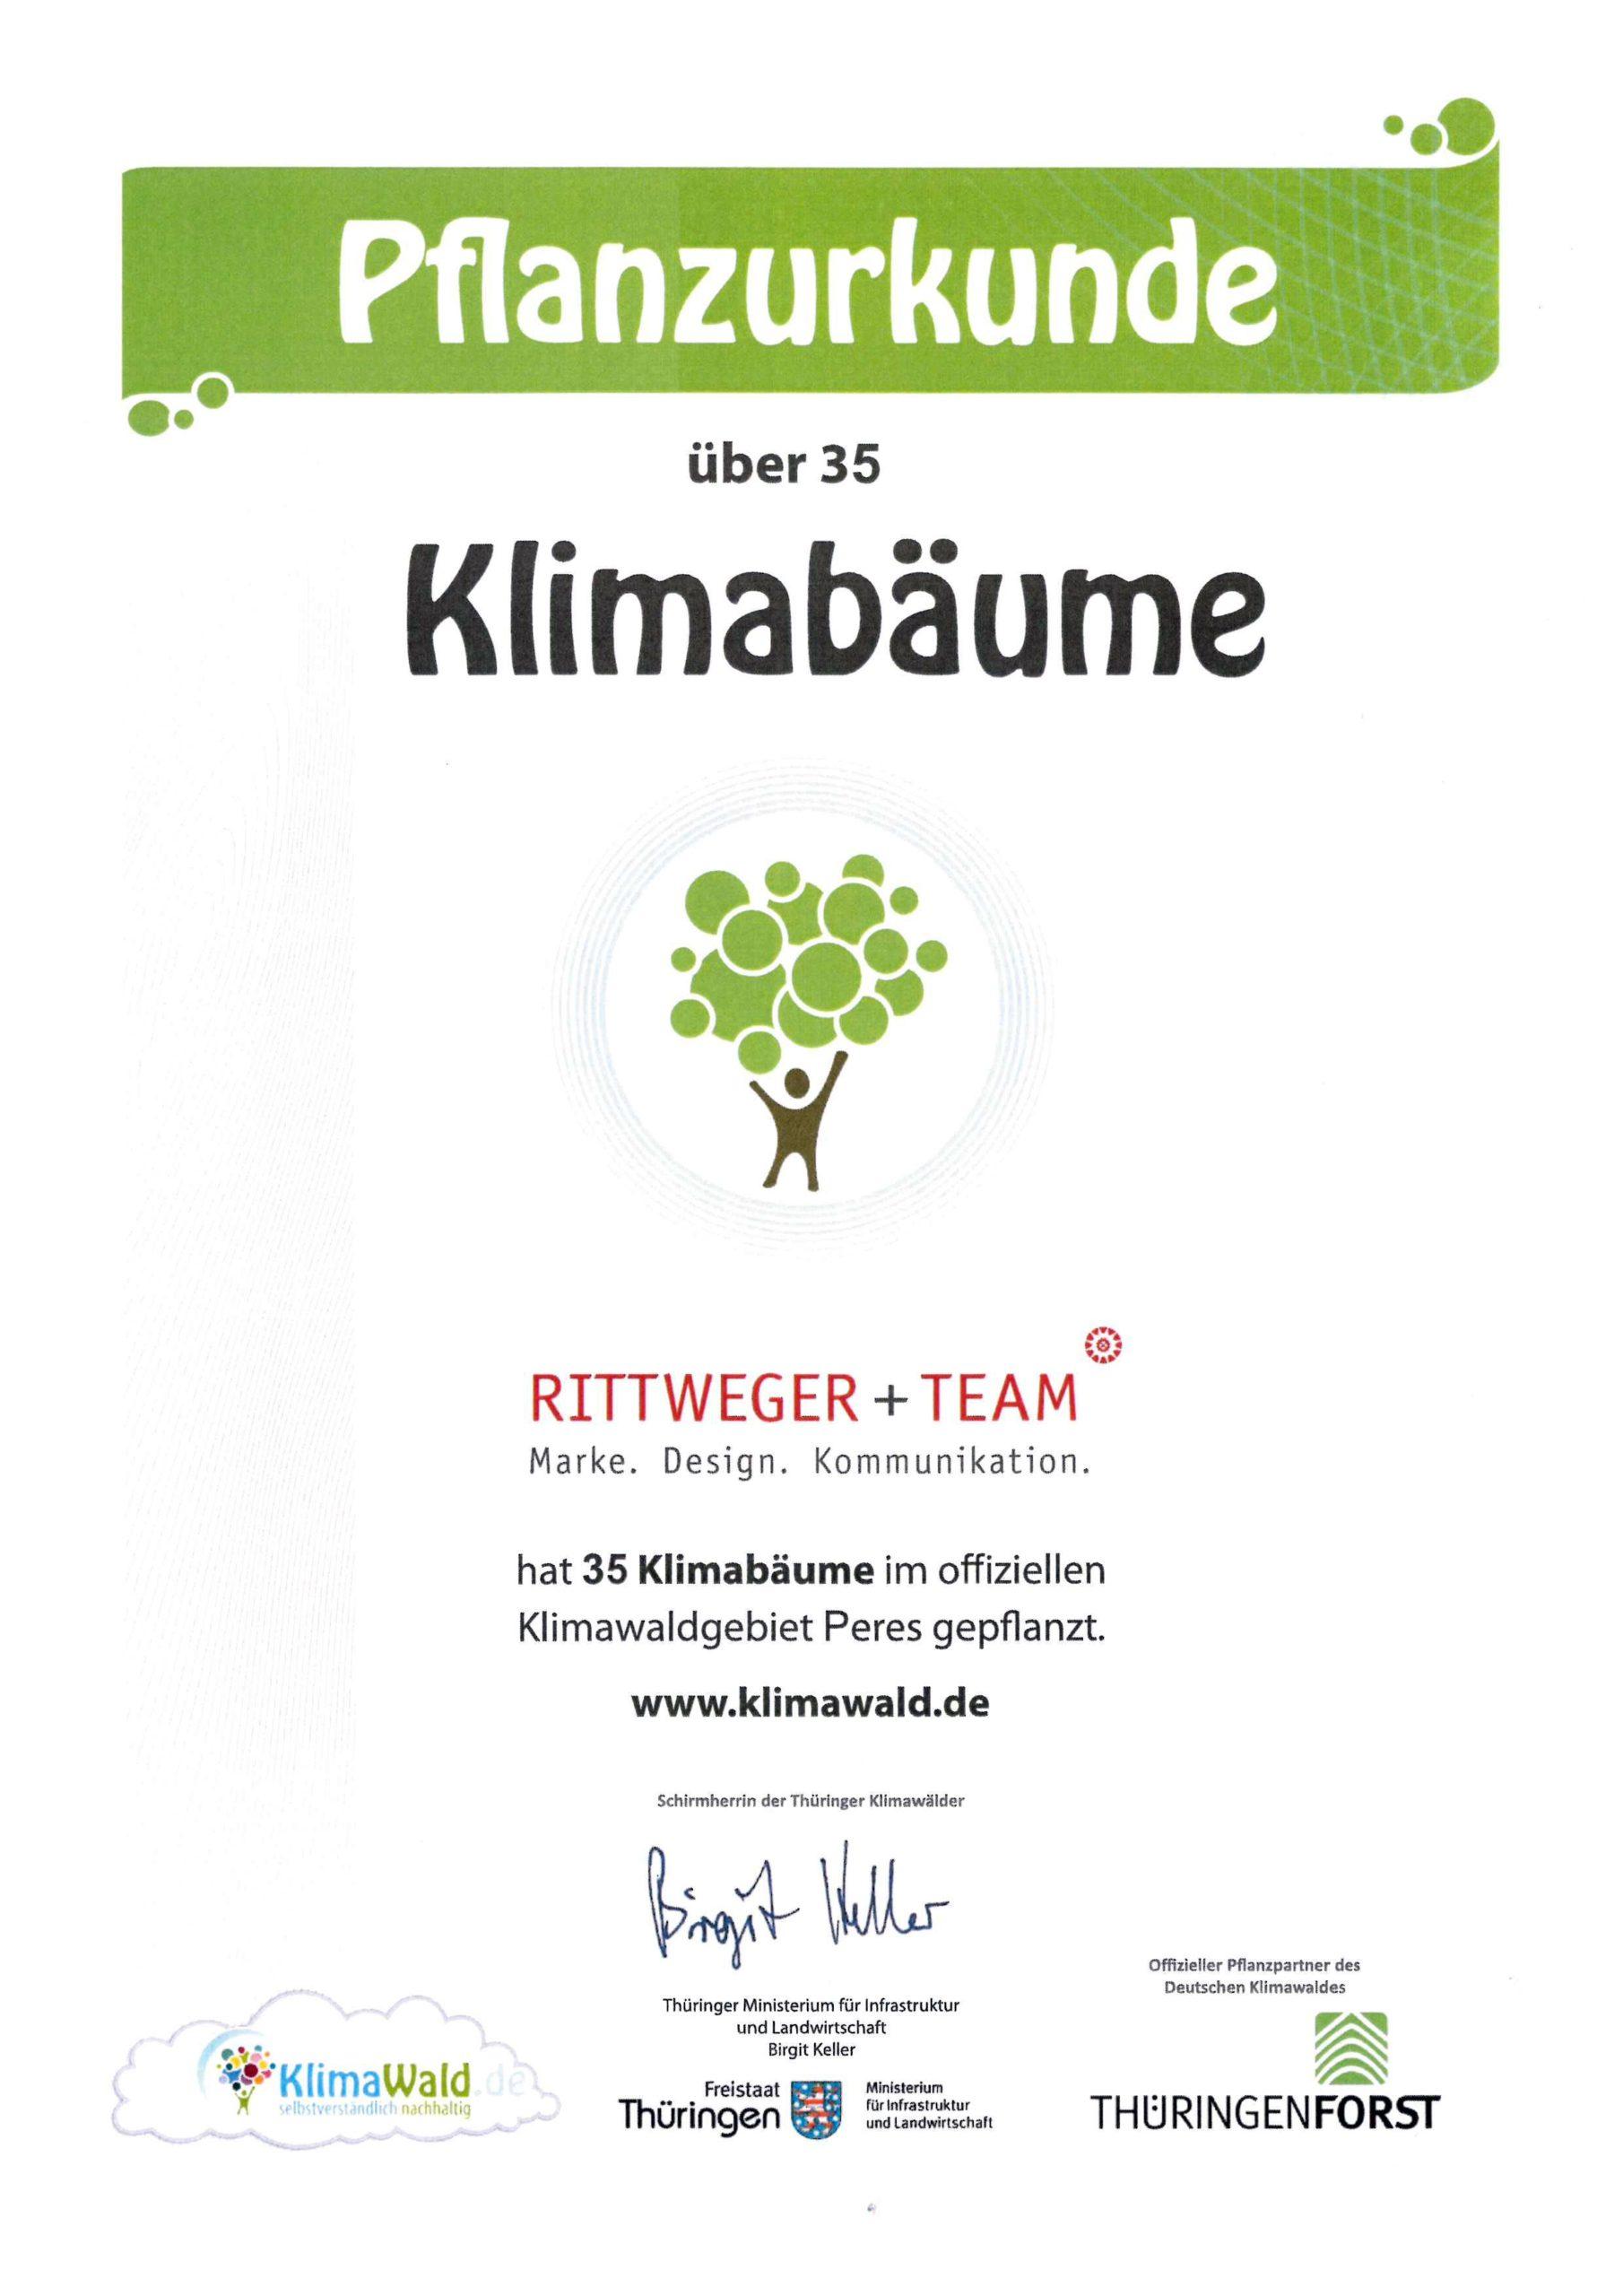 Klimaurkunde – RITTWEGER + TEAM Werbeagentur GmbH hat 35 Klimabäume im offiziellen Klimawaldgebiet Wollersleben gepflanzt.